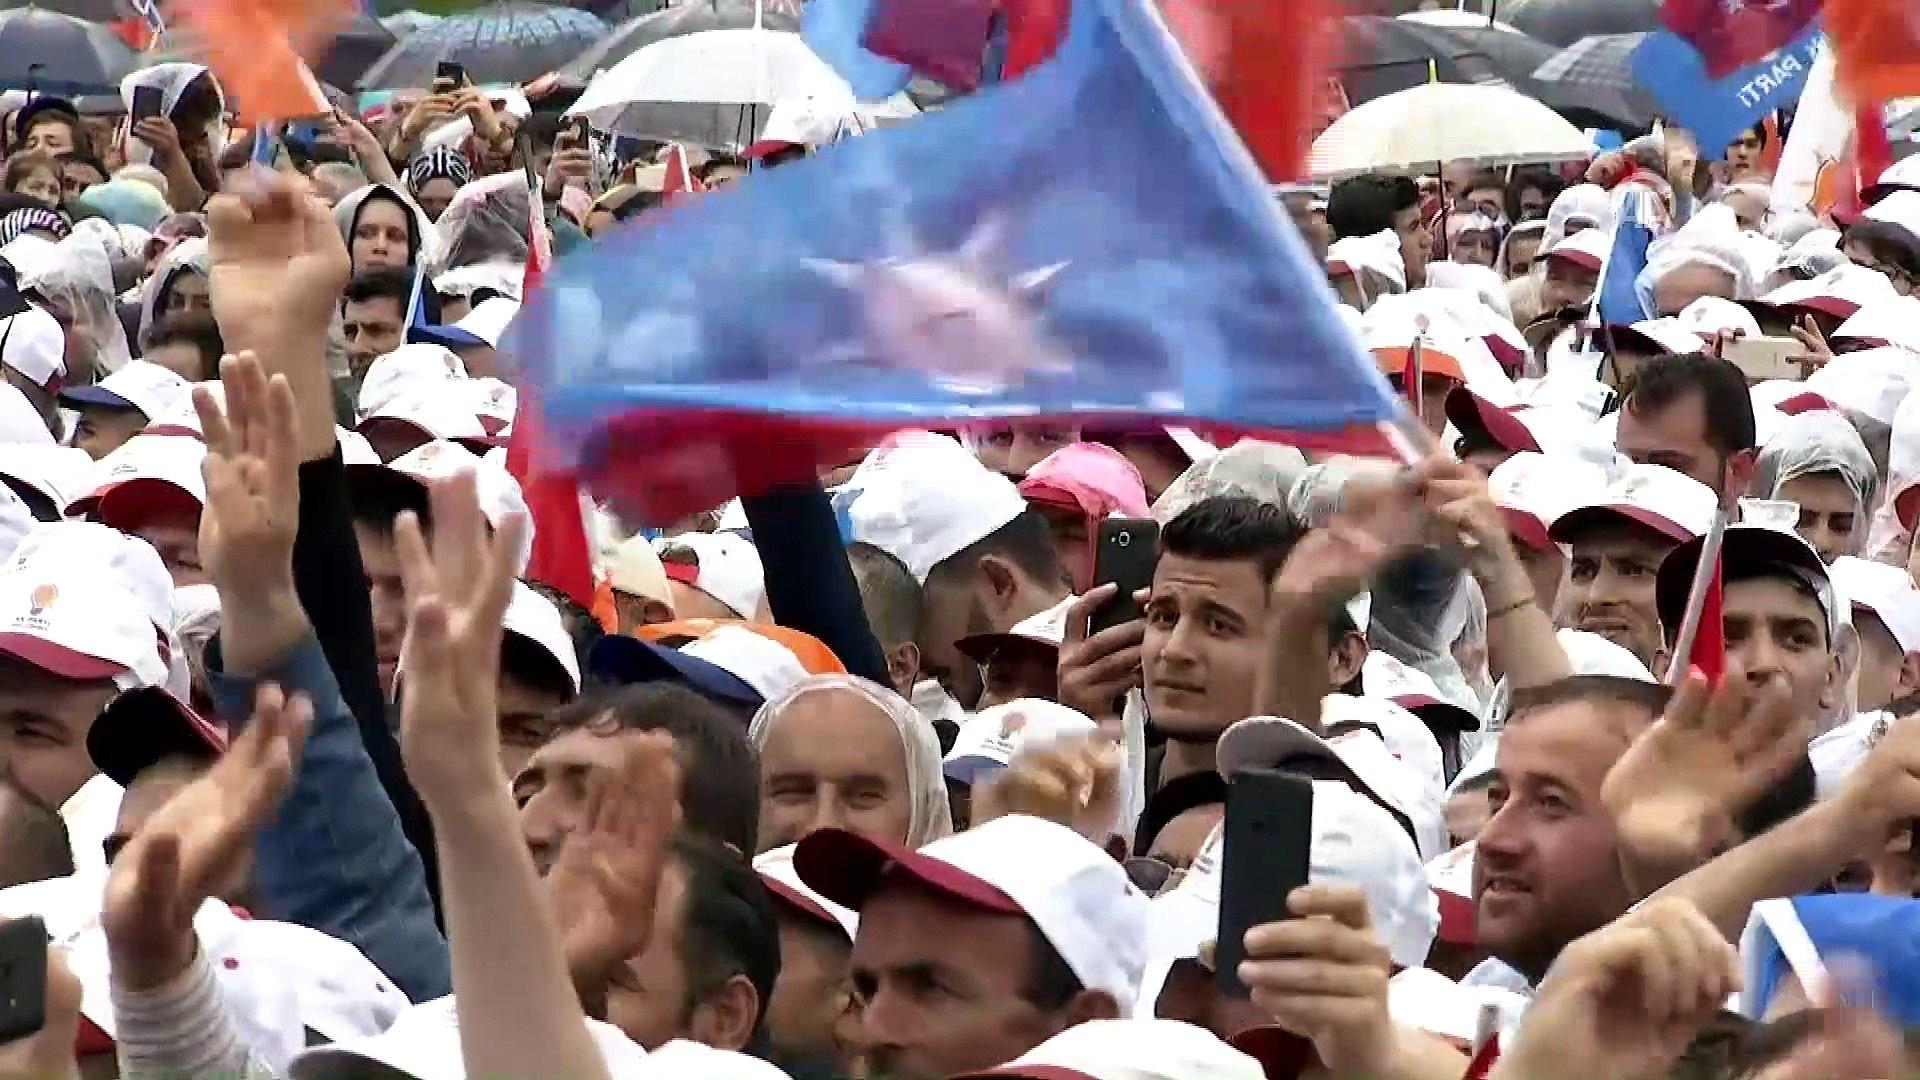 Cumhurbaşkanı Erdoğan: 'Bay Muharrem'in yalanlarını, tutarsızlıklarını ifşa etmeye devam e